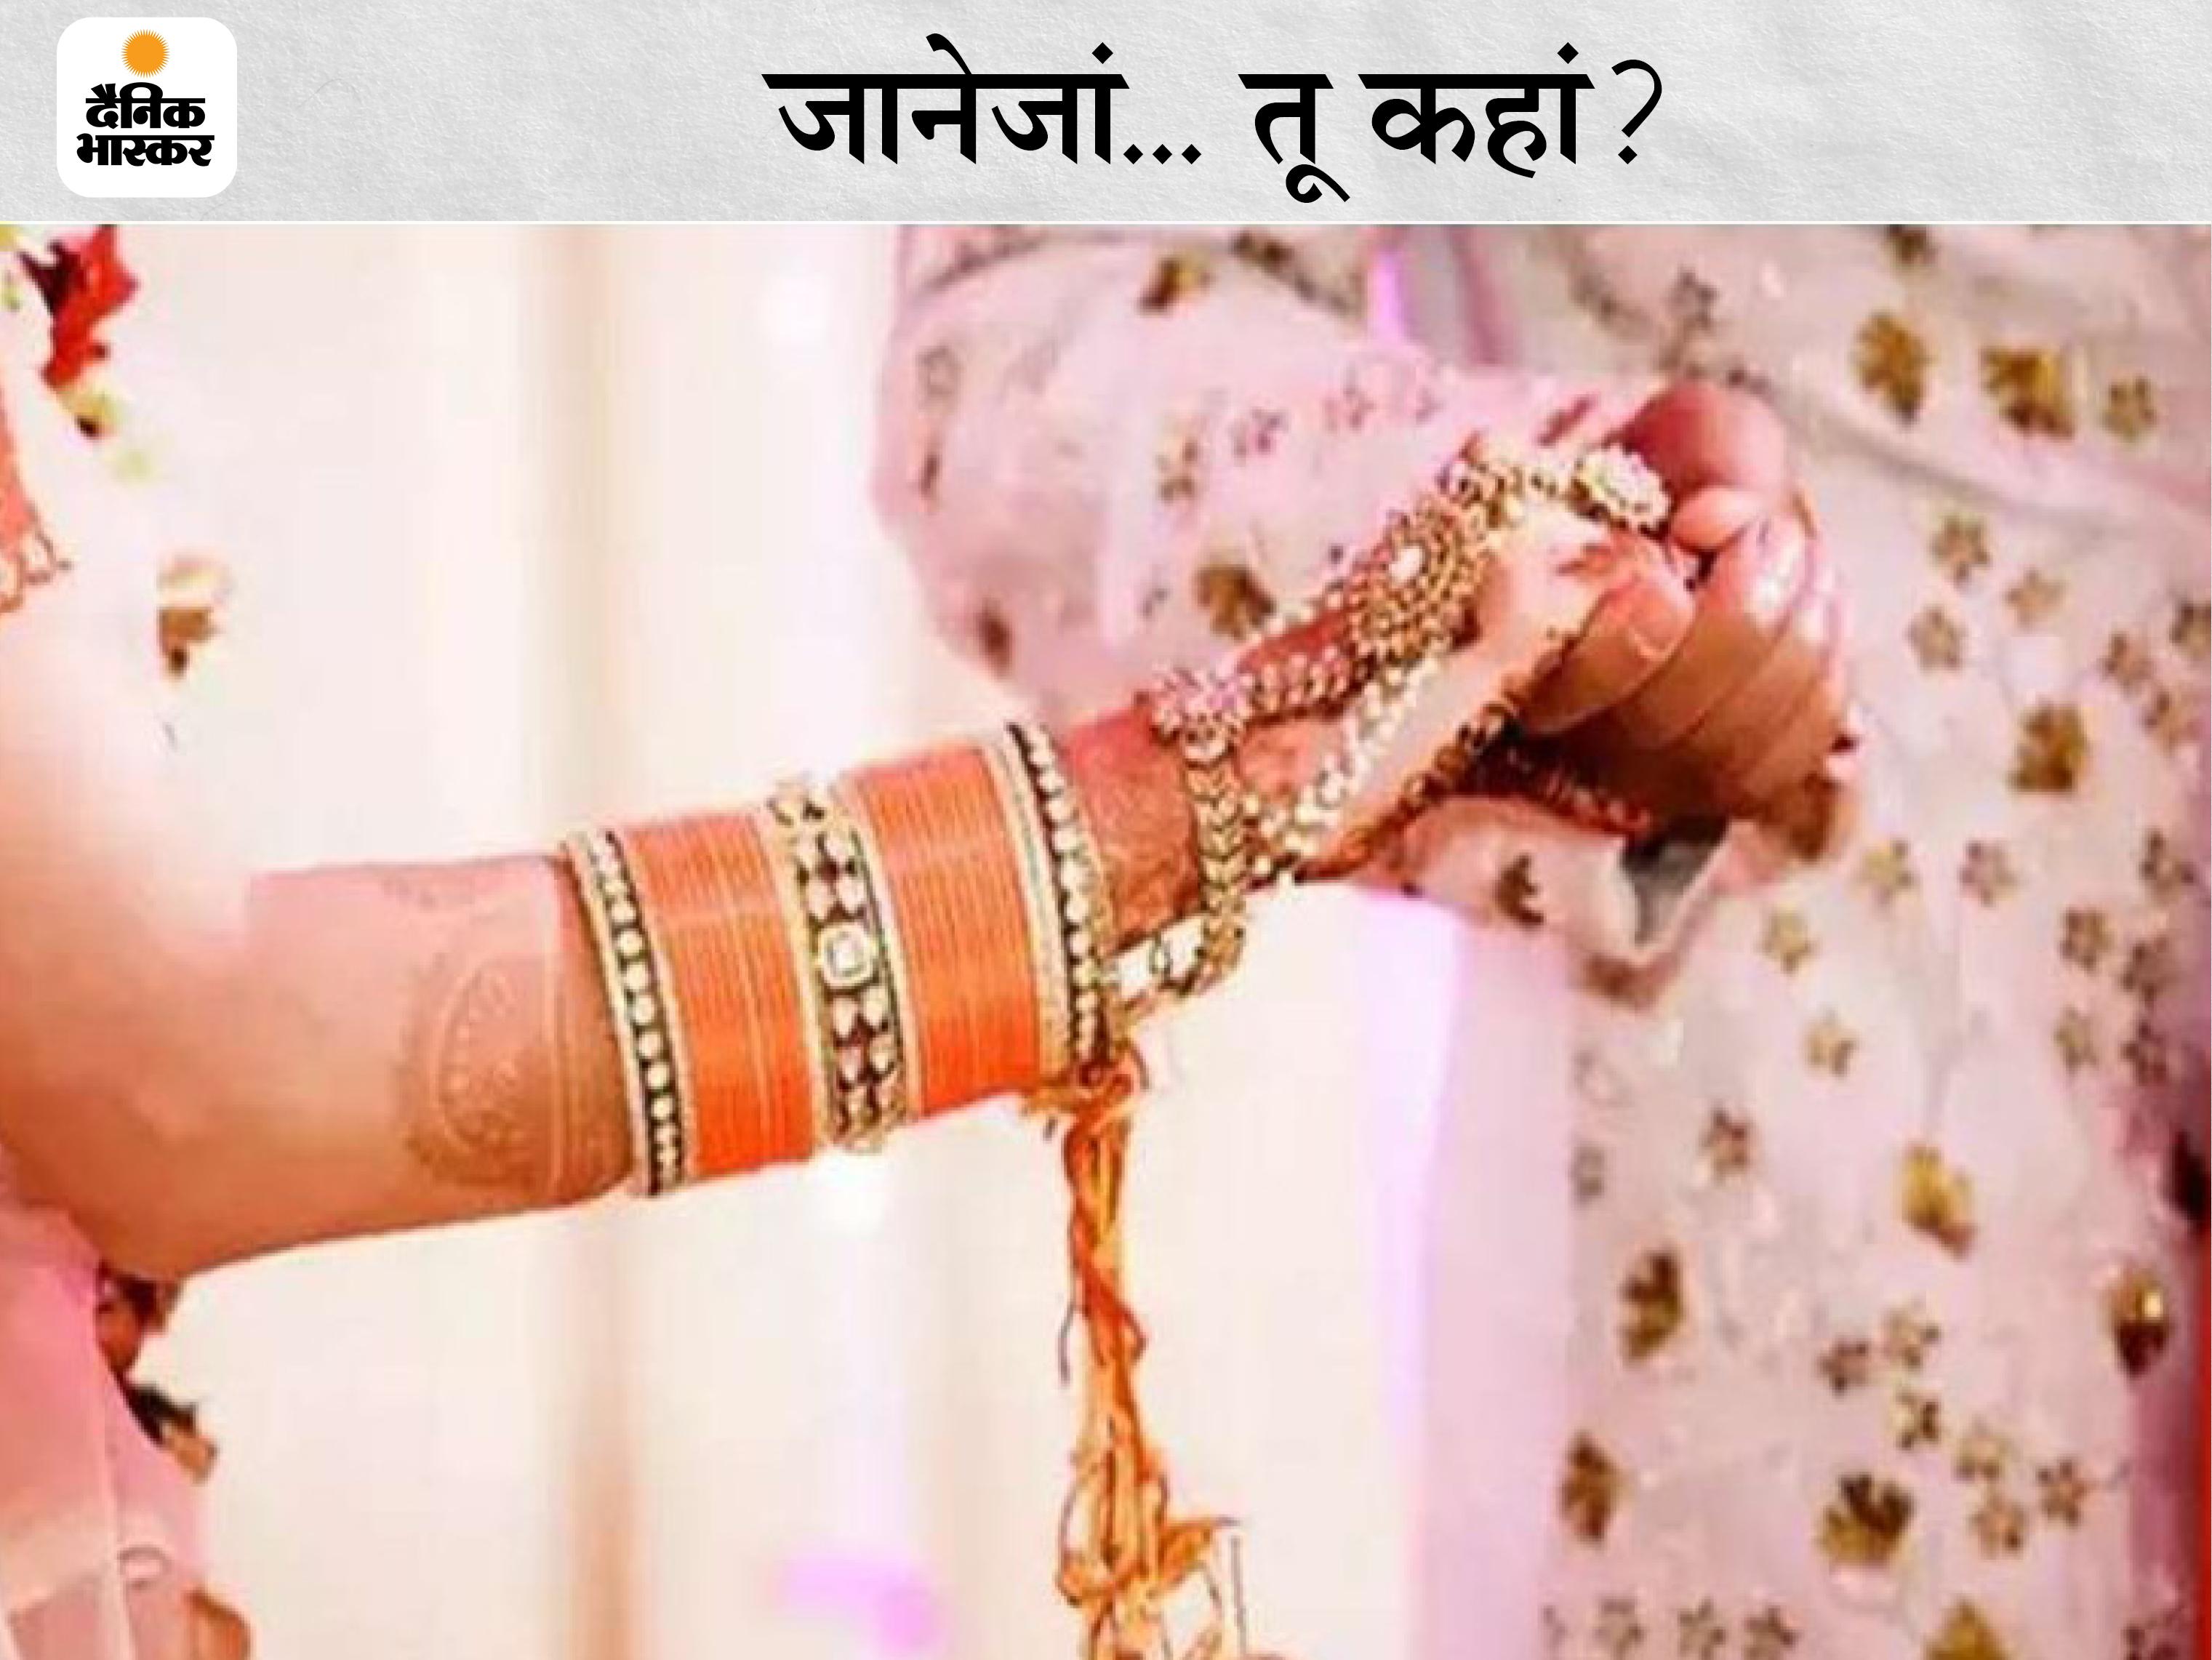 बिहार के नवादा में शादी के 25 दिन बाद दुल्हन हुई फरार; घर से बाजार करने के बहाने निकली थी, थाने पहुंचा पति|नवादा,Nawada - Dainik Bhaskar